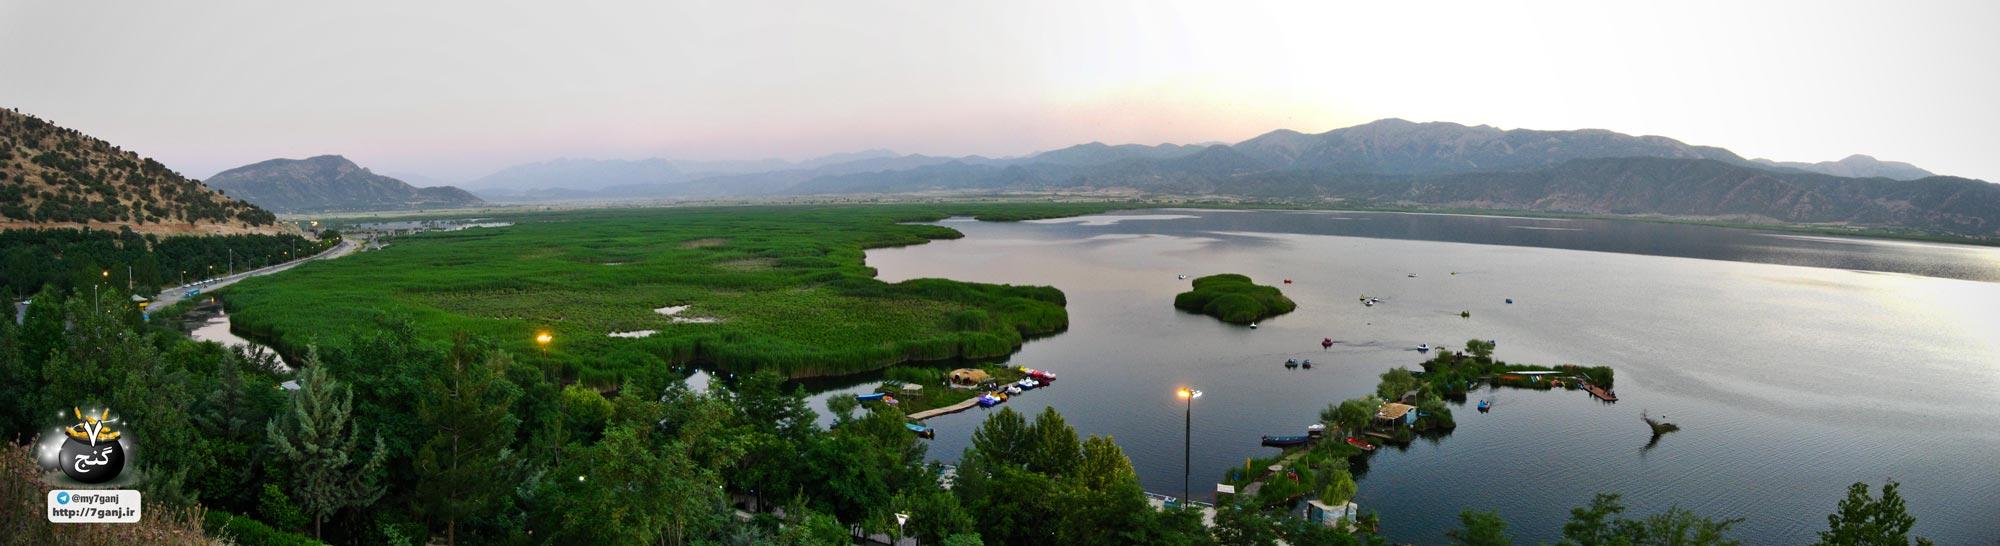 پانامورا دریاچه زریبار یا زریوار مریوان